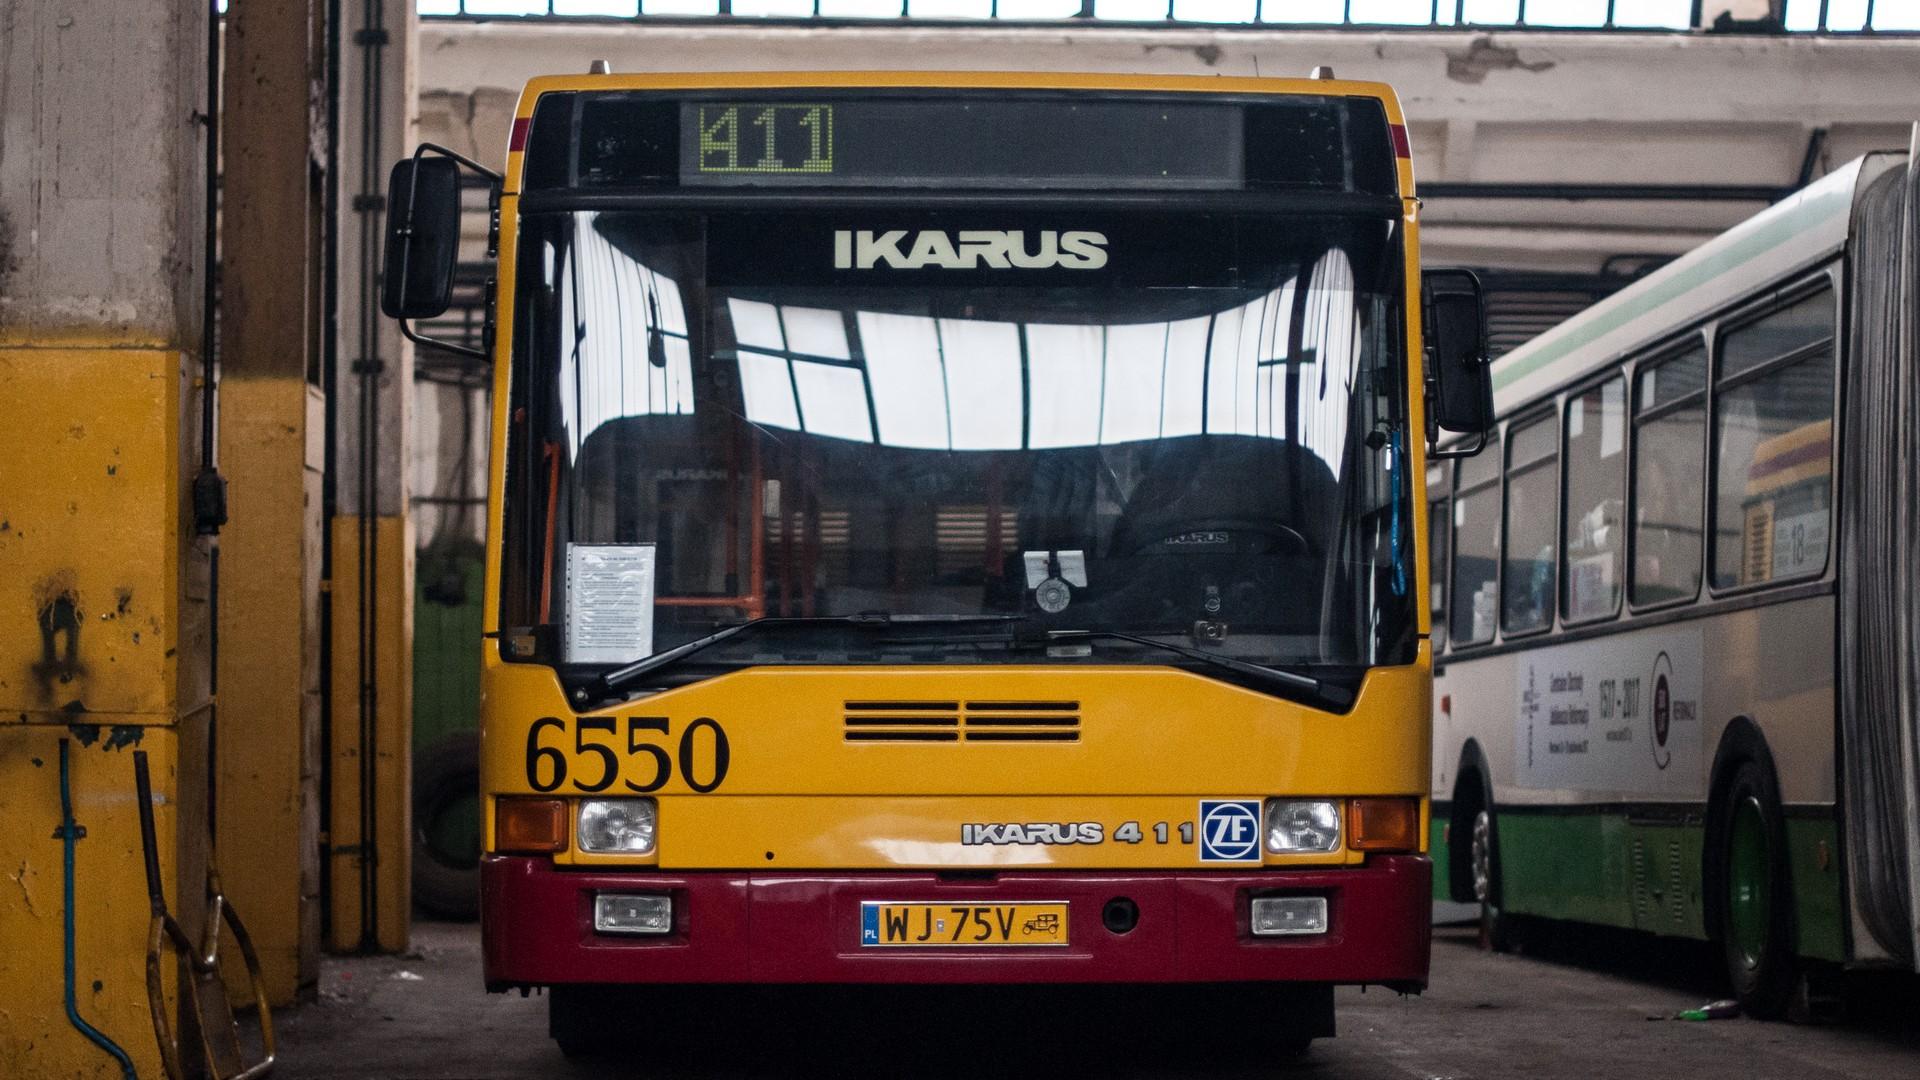 Ikarus 411